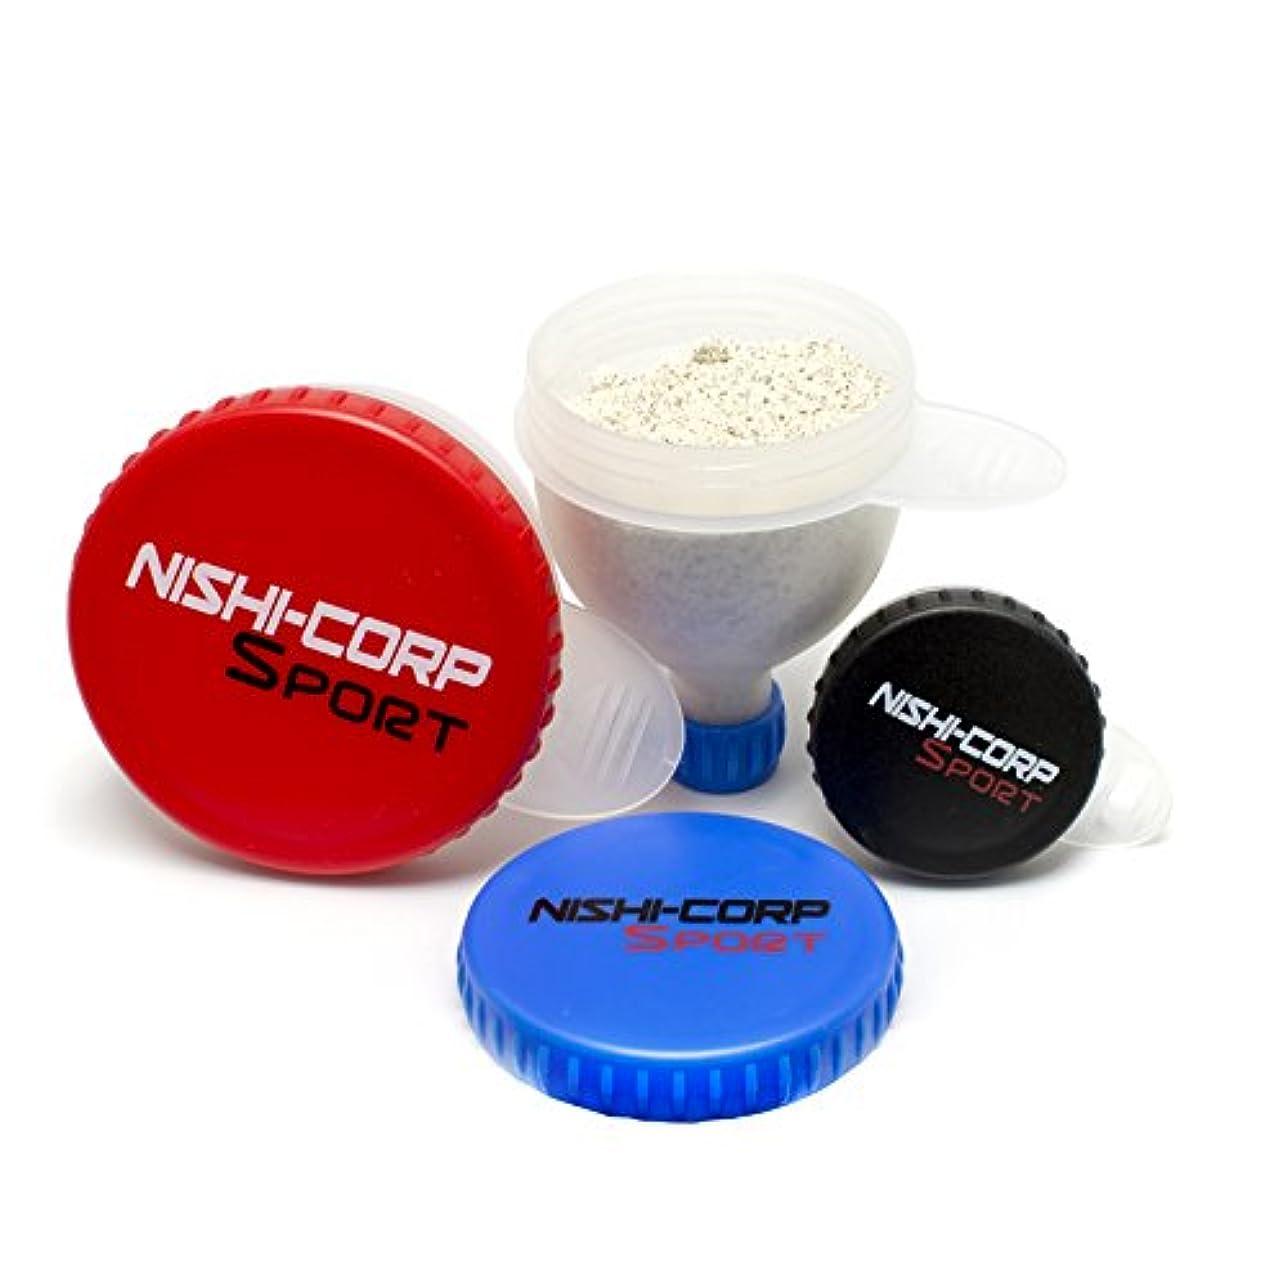 バルブ円周教育NISHI-CORP ファンネル 3サイズセット (プロテインサプリメント携帯容器)